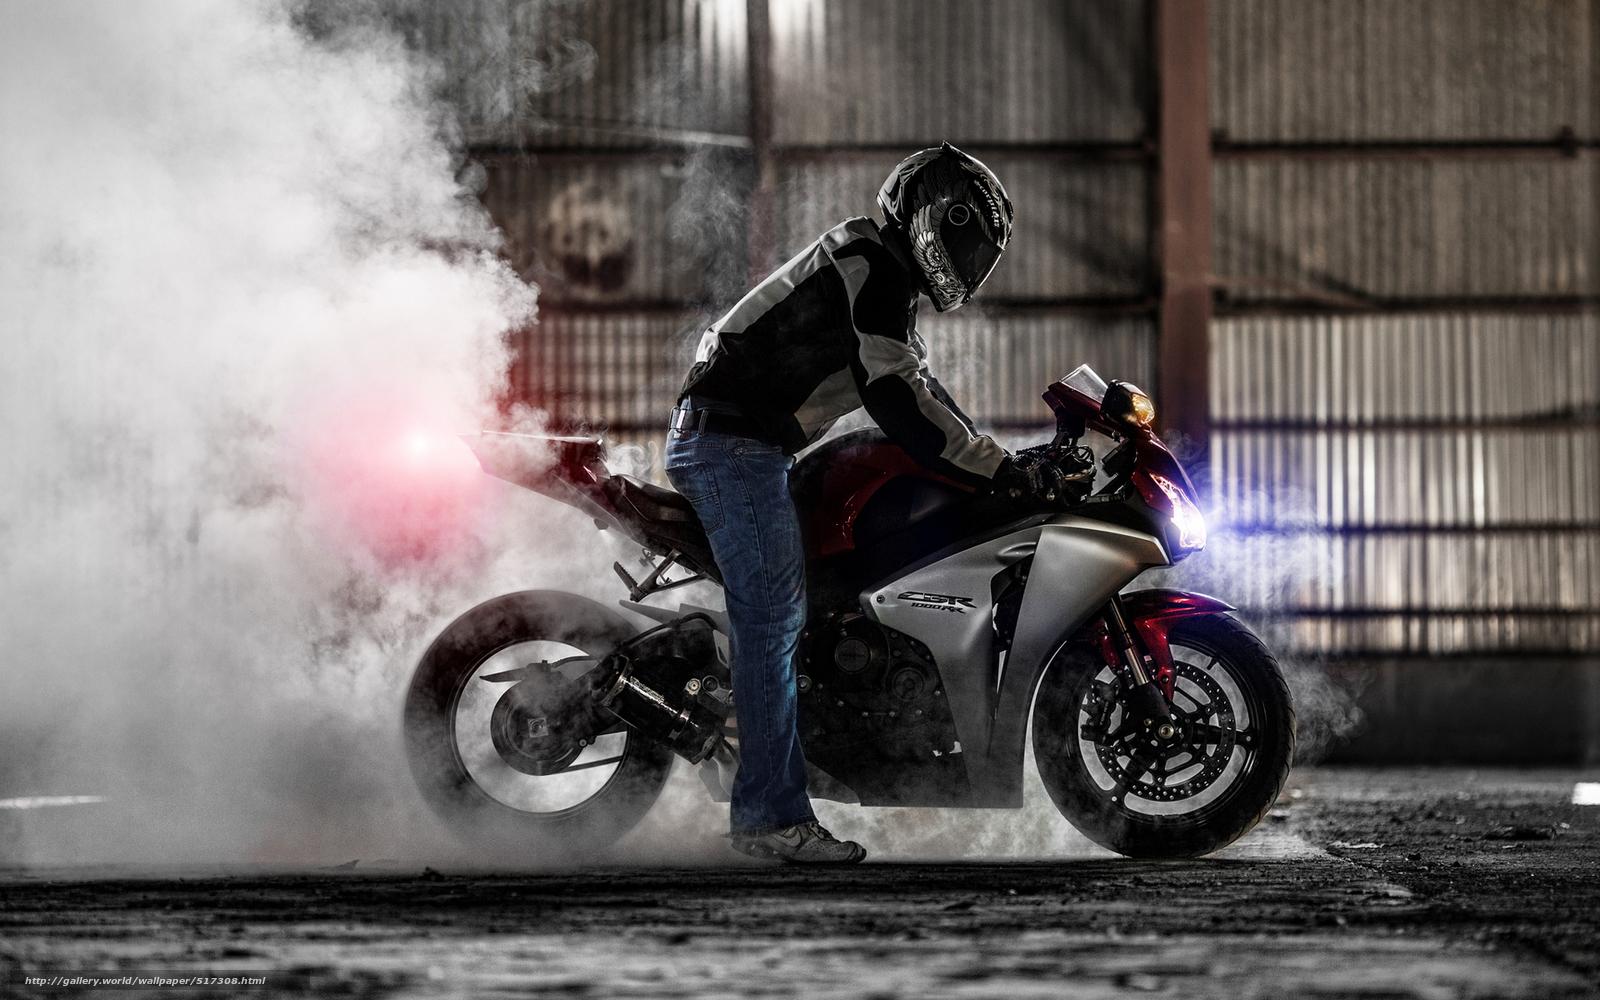 Tlcharger Fond D Ecran Moto Honda Motos Fumer Fonds D